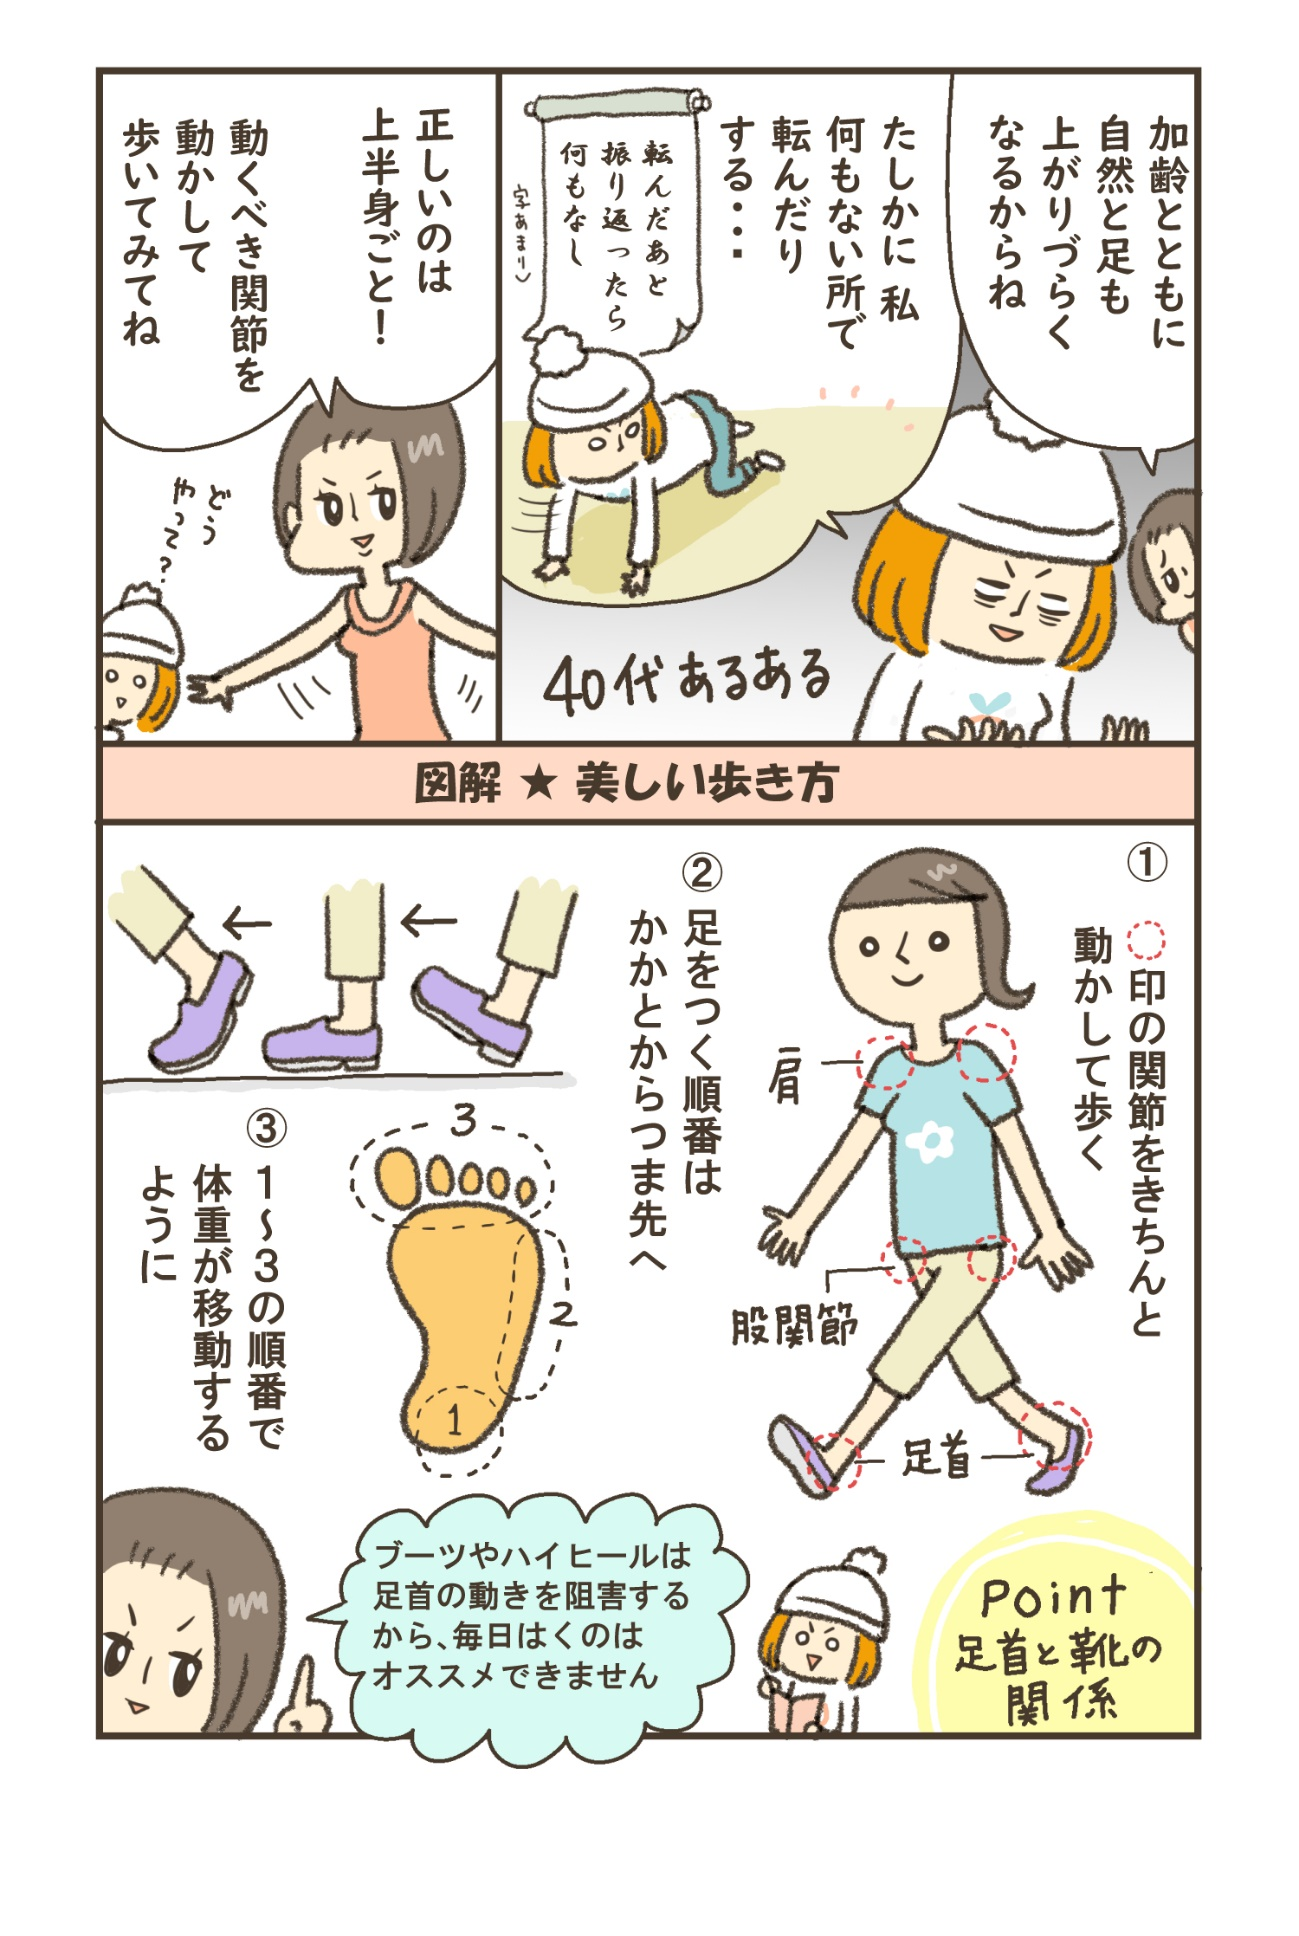 加齢とともに自然と足も上がりづらくなるからね。たしかに私何もない所で転んだりする…。正しいのは上半身ごと!動くべき関節を動かしてみてね。図解★美しい歩き方。①〇印の関節をきちんと動かして歩く。②足をつく順番はかかとからつま先へ。③1~3の順番で体重が異動するように。ブーツやハイヒールは足首の動きを阻害するから、毎日はくのはオススメできません。